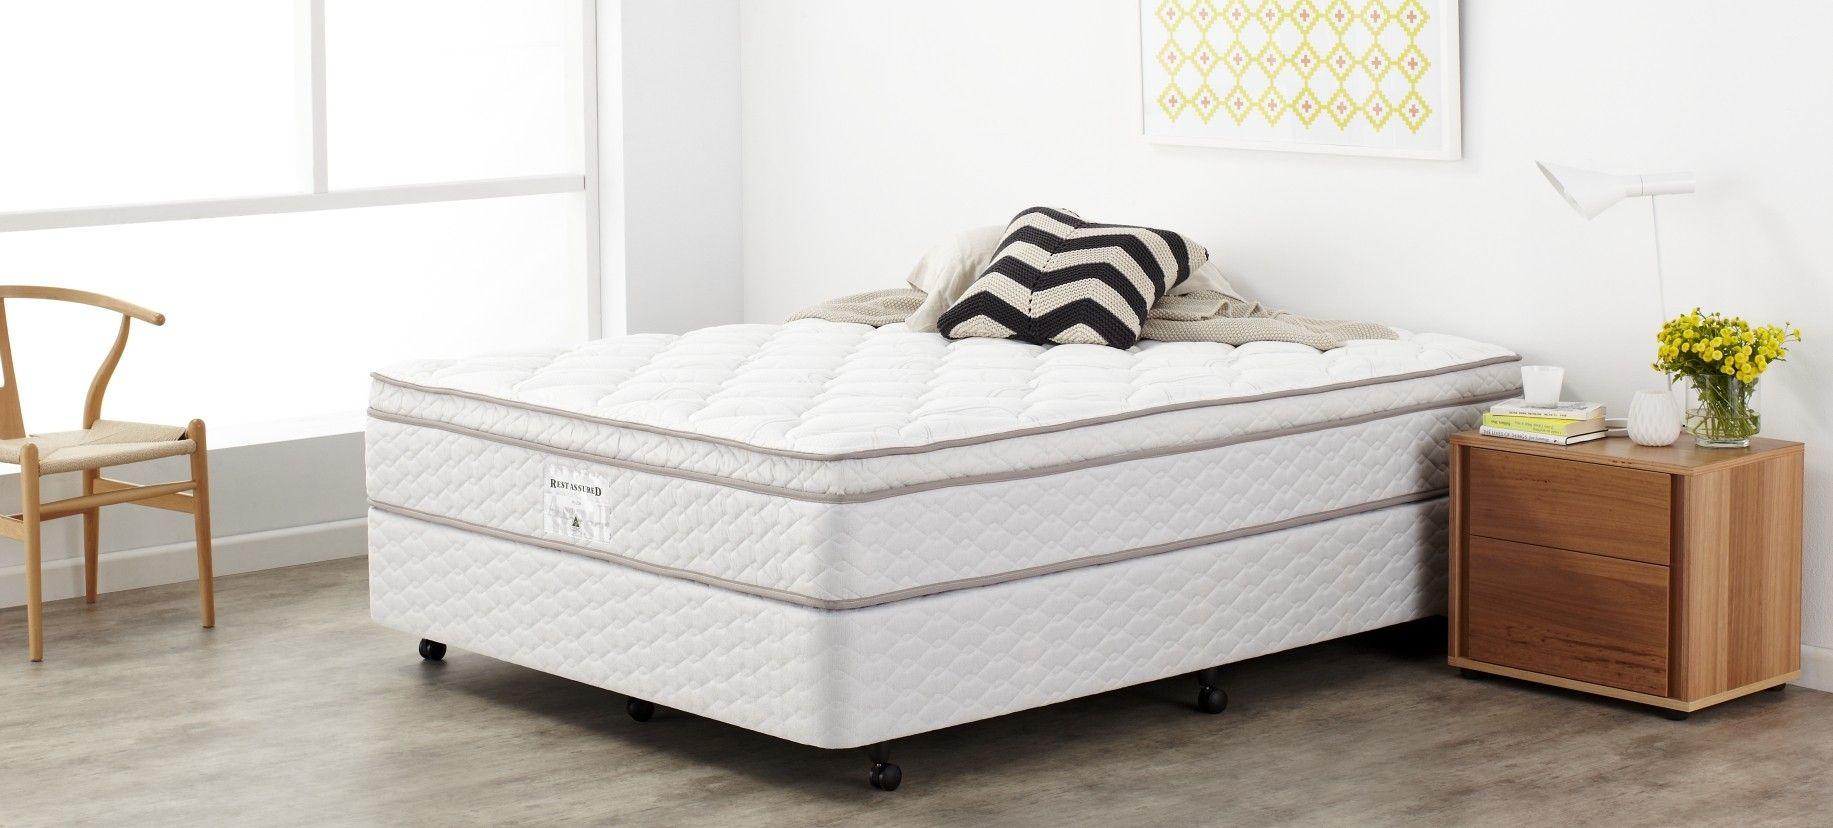 Rest Assured Plush A versatile mattress suitable for